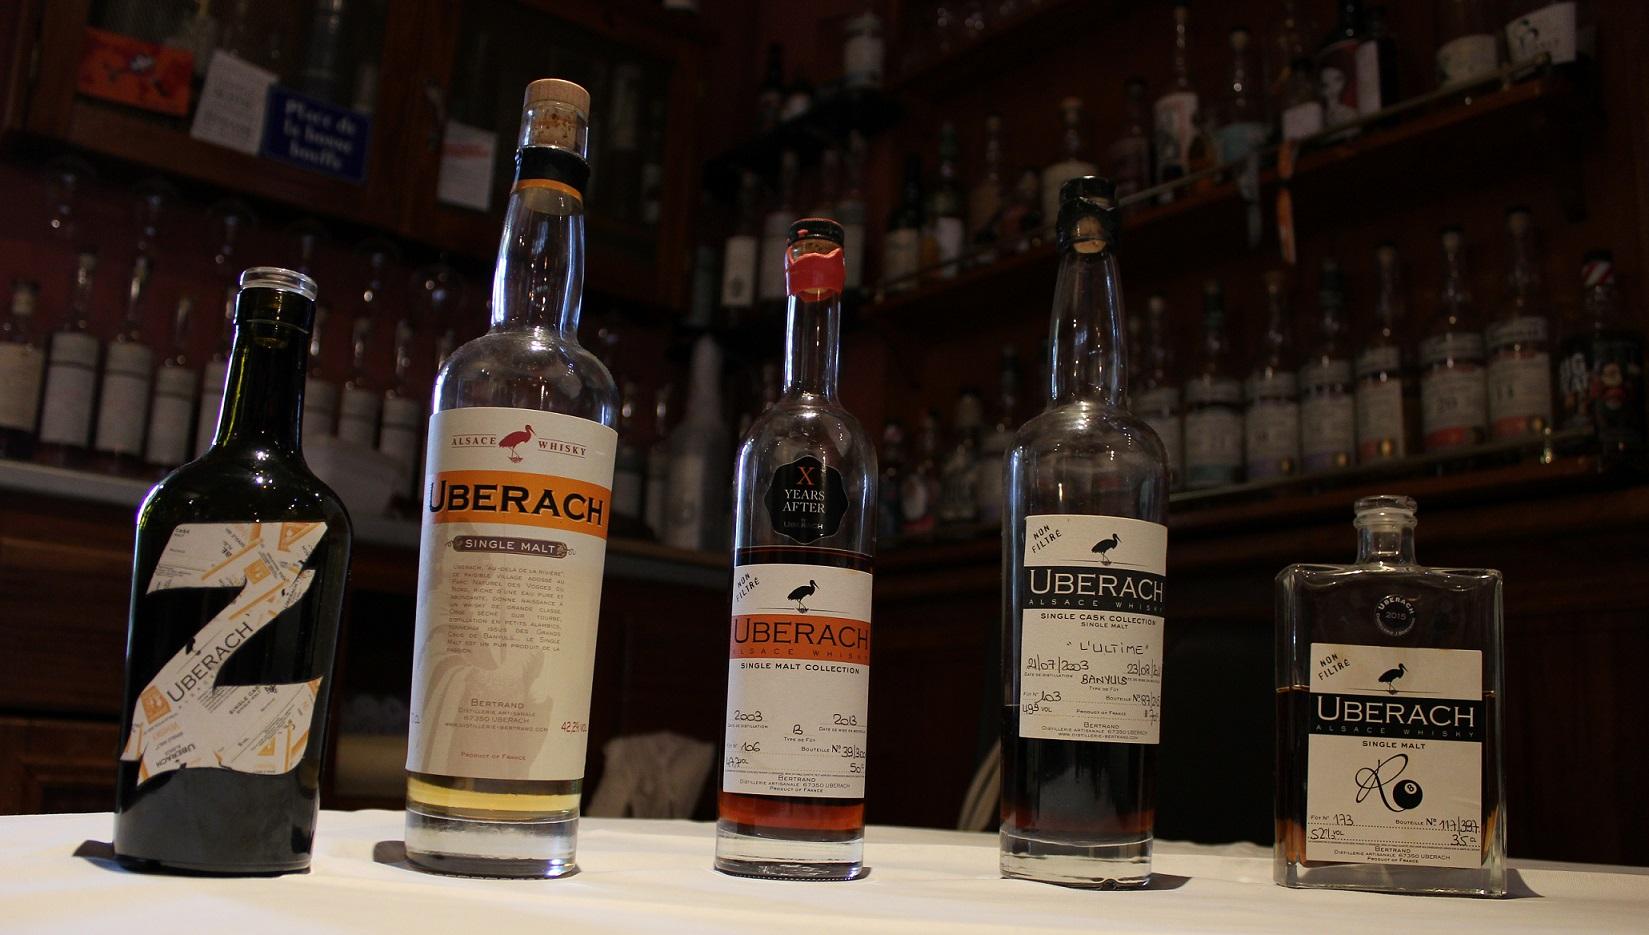 Edition spéciale La Zygothèque 46,8%, Single malt 42,2%, X years after 47,7%, L'Ultime 49,9%, R8 52%, Uberach, distillerie Bertrand, Uberach, Alsace, Jean Metzger, Laurent Oswald, orge, alambic à colonne, fût, Banyuls, vin doux naturel, whisky Français, French whisky, malt, La Zygothèque, restaurant, 15Bis Rue Tolbiac, Paris.